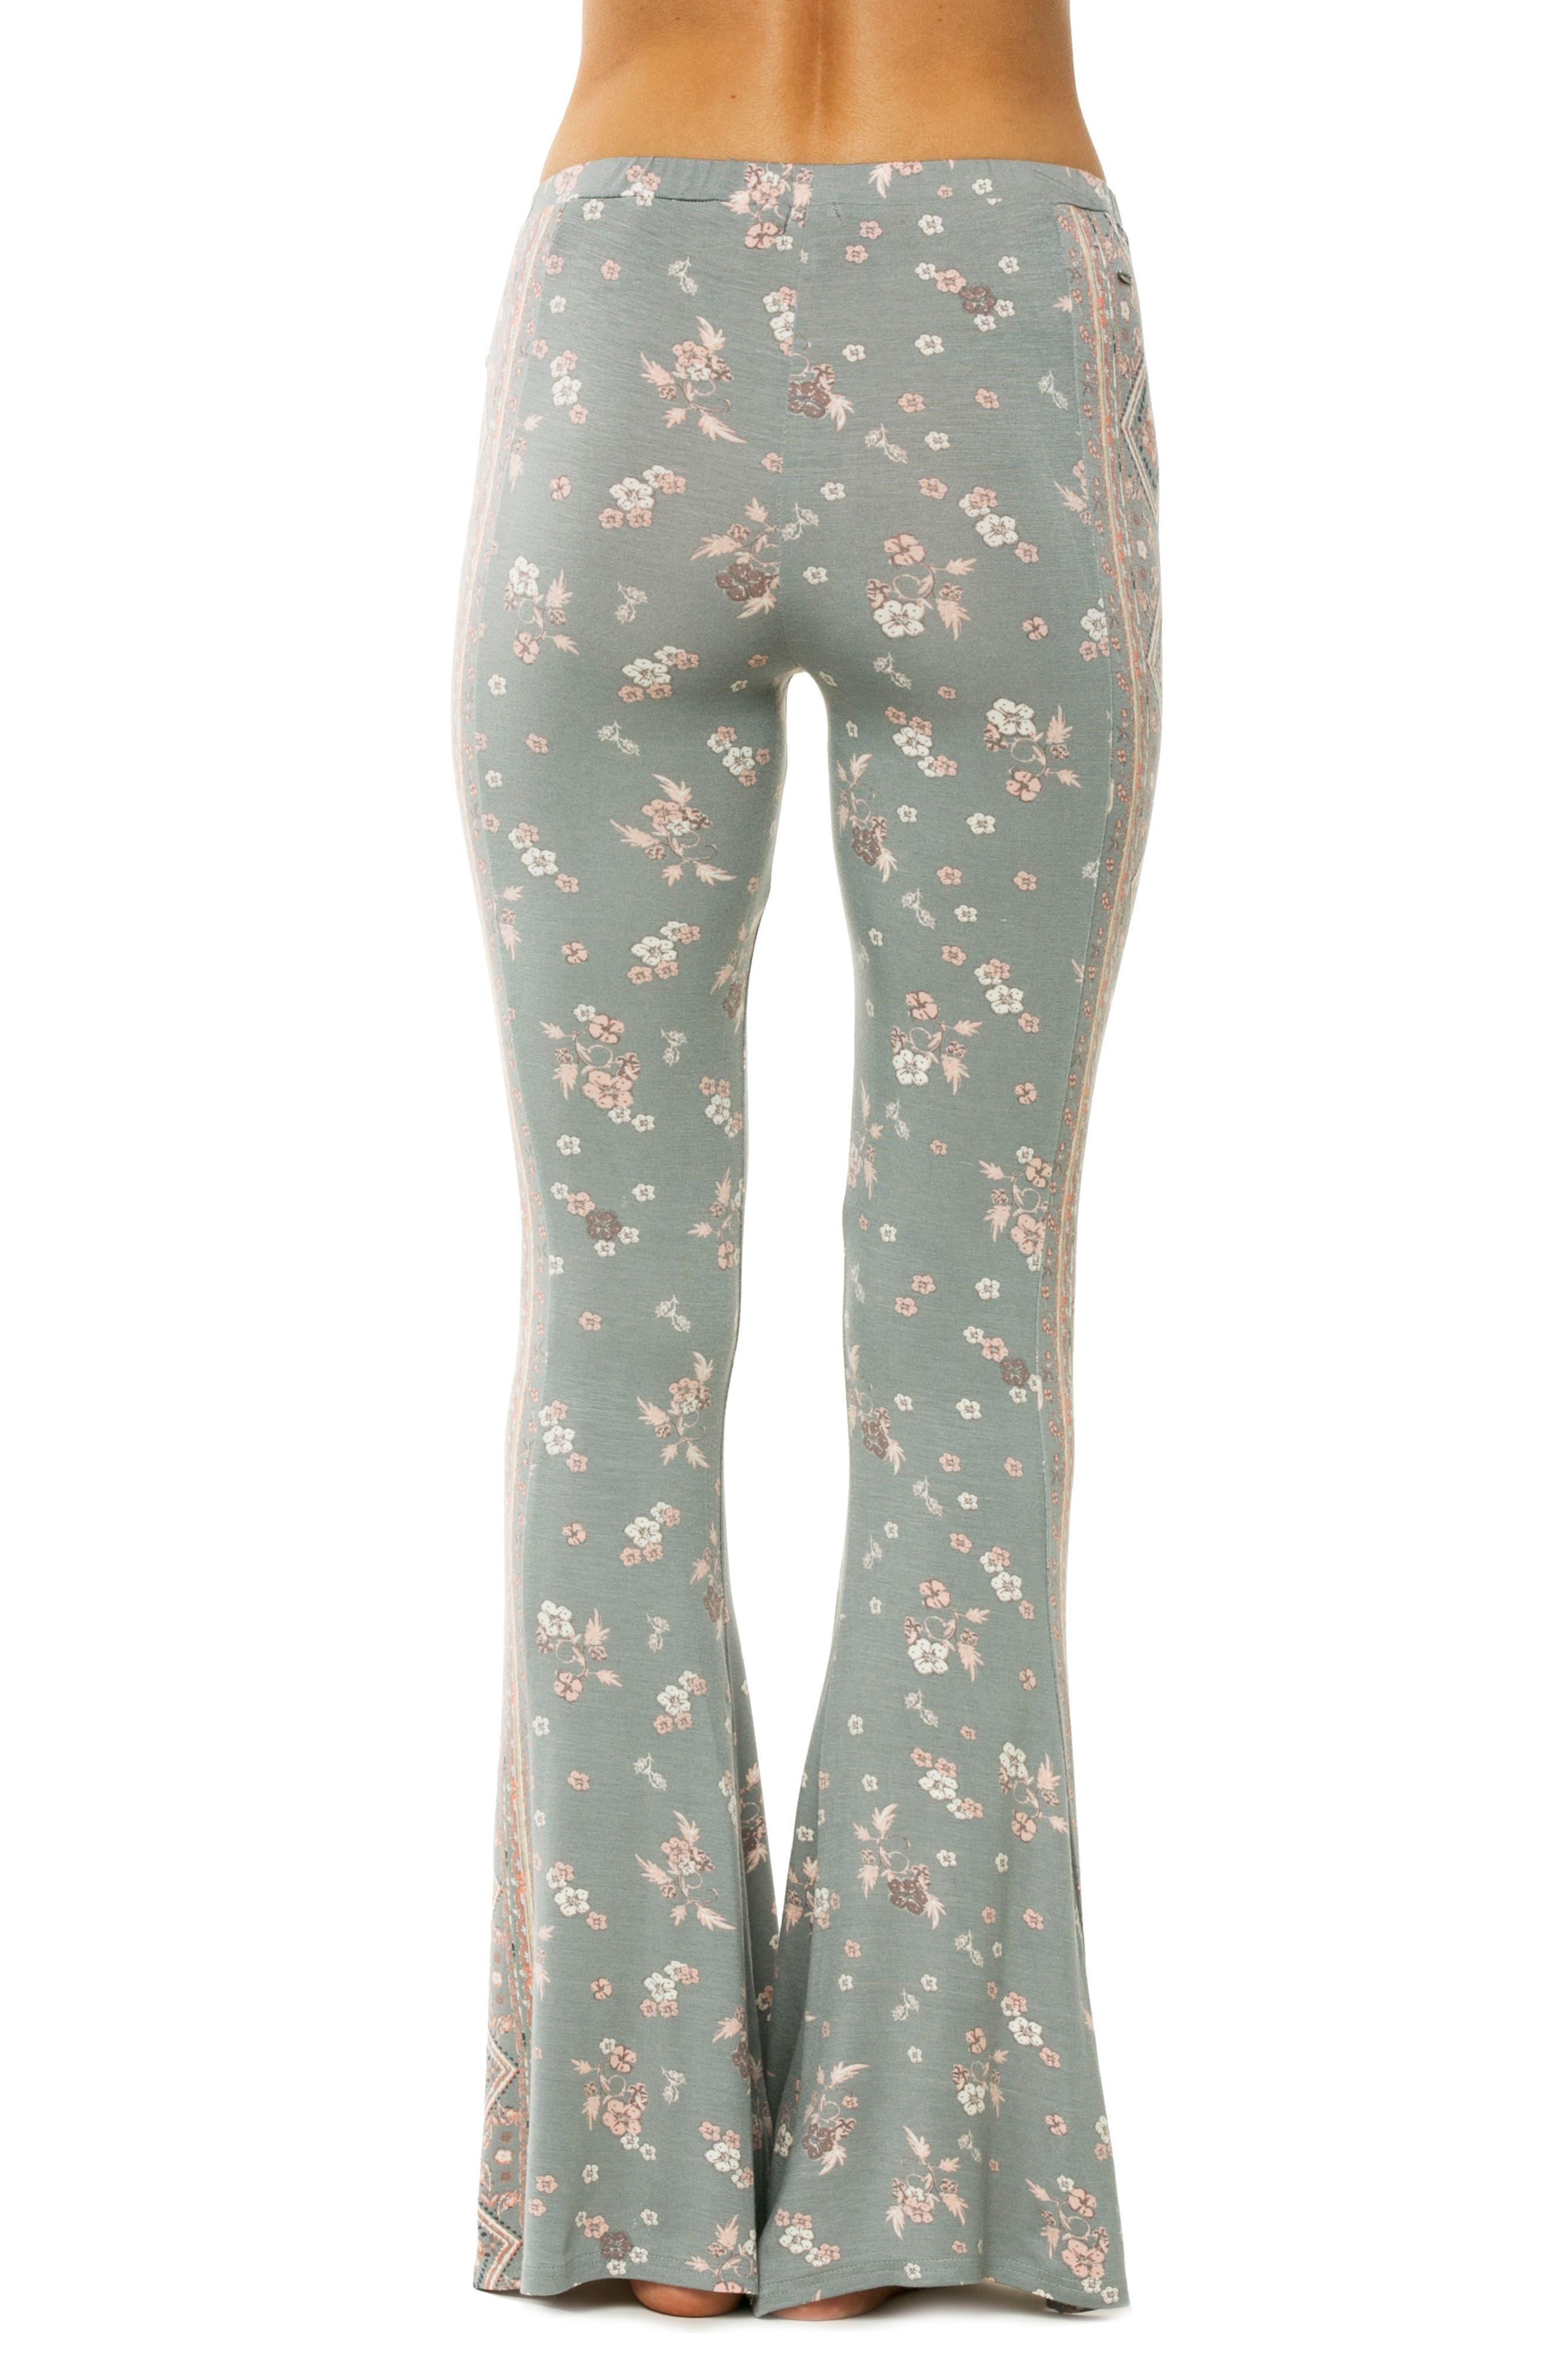 Kelli Knit Flare Pants,                             Alternate thumbnail 2, color,                             Neutral Gray - Fog